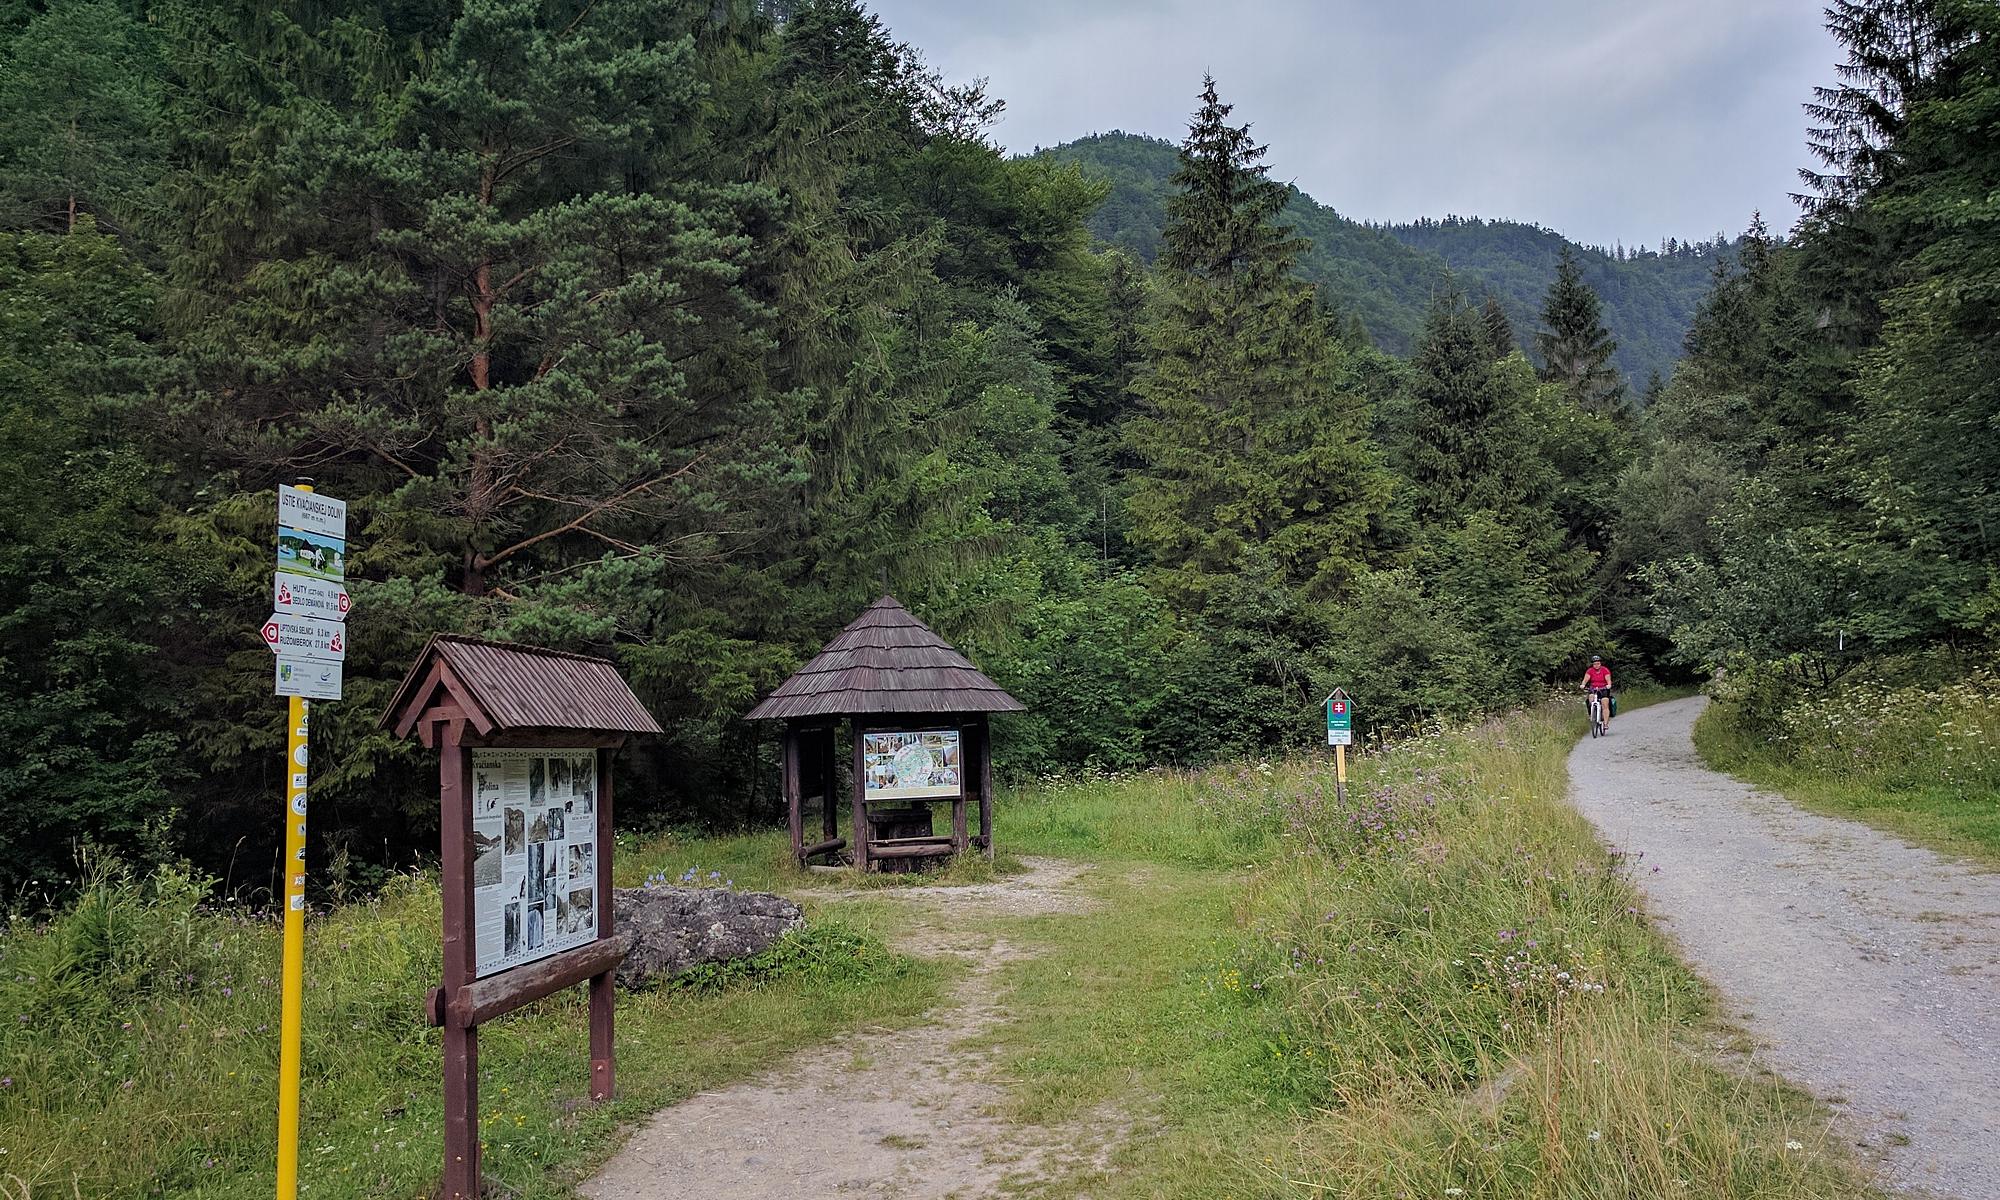 Wyjazd z doliny od strony Kwaczan